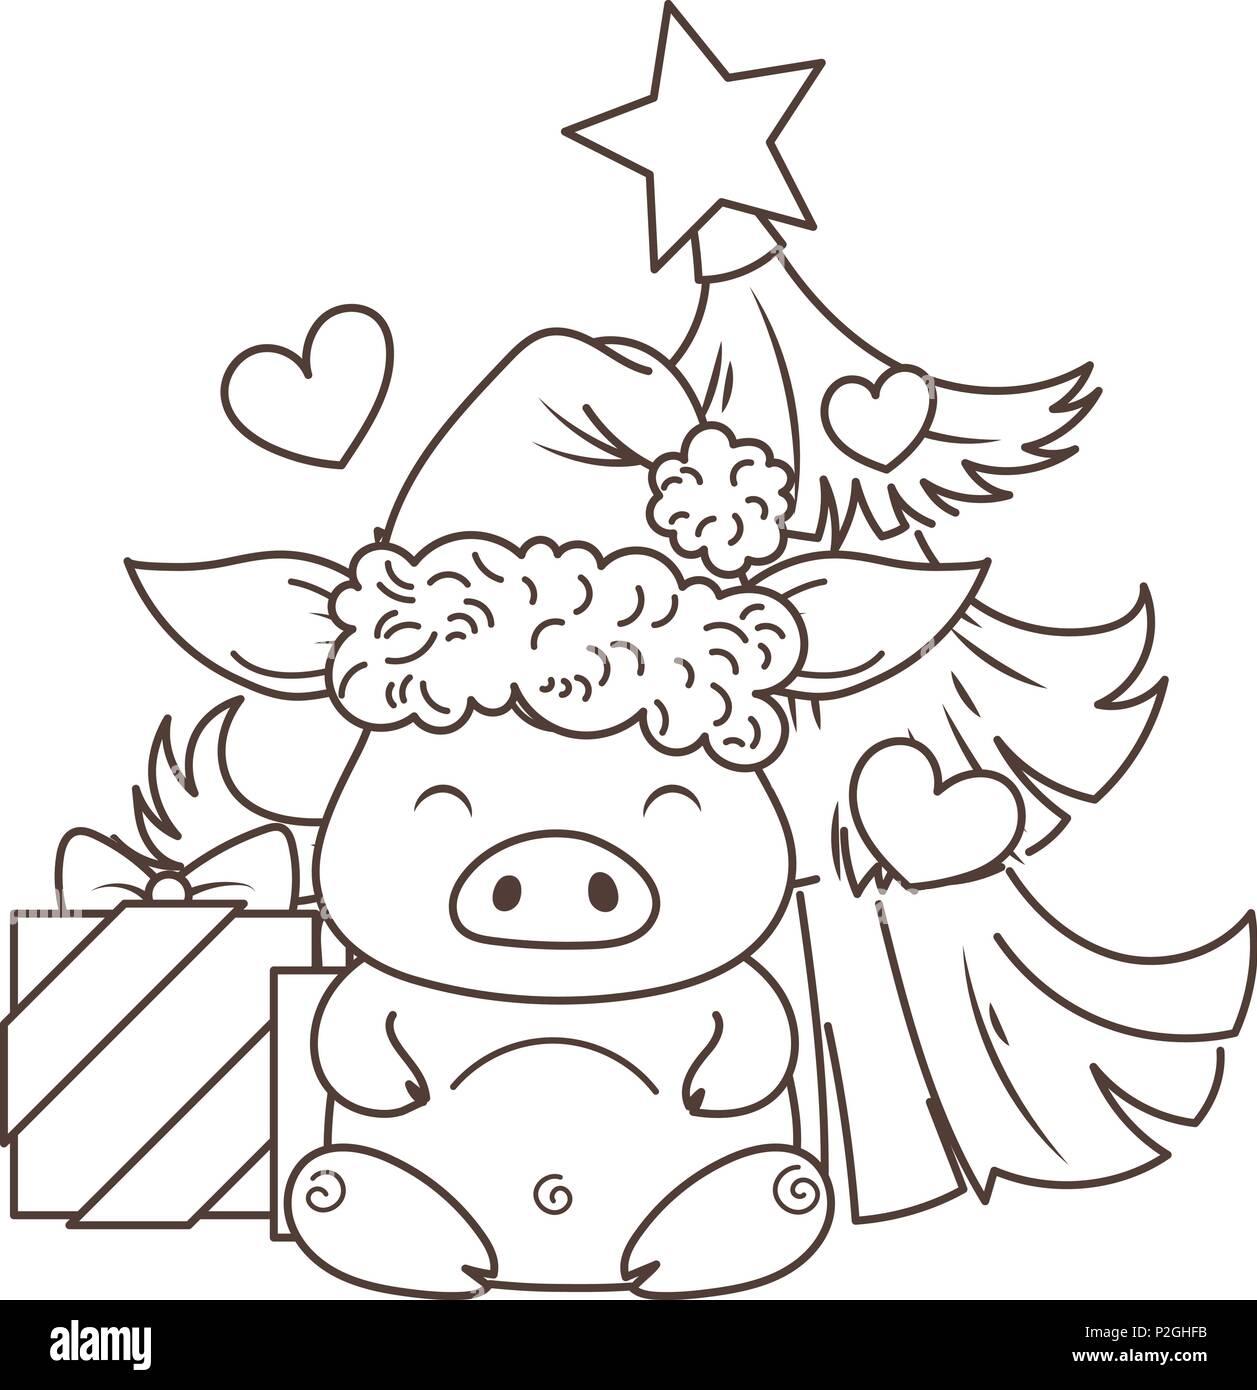 Cute Dibujos Animados De Cerdo En Amor Con El árbol De Navidad